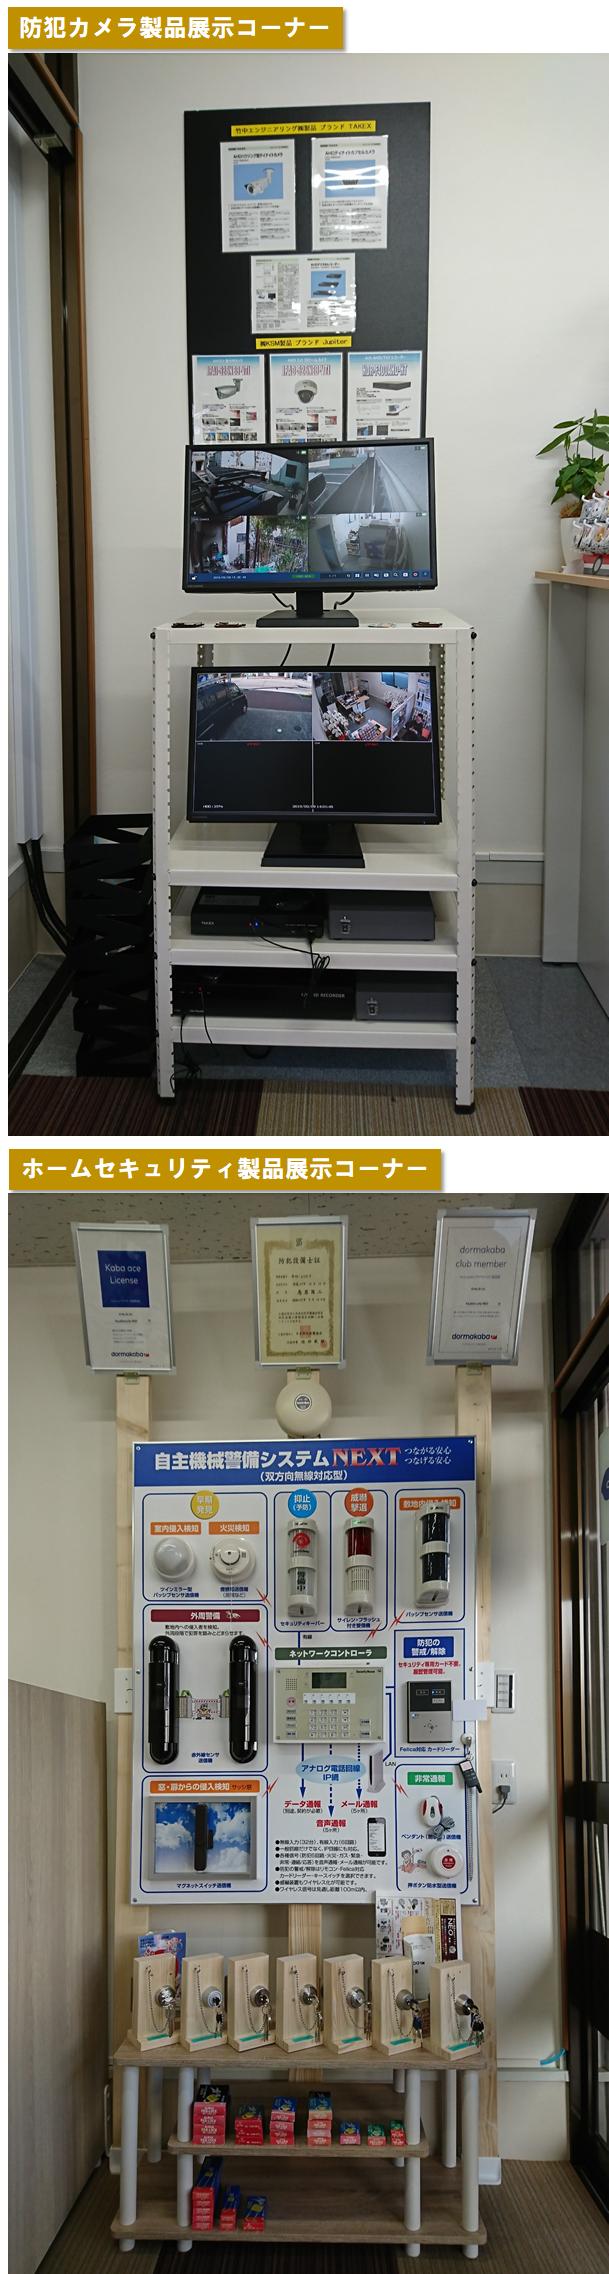 防犯カメラ・ホームセキュリティ製品展示コーナー